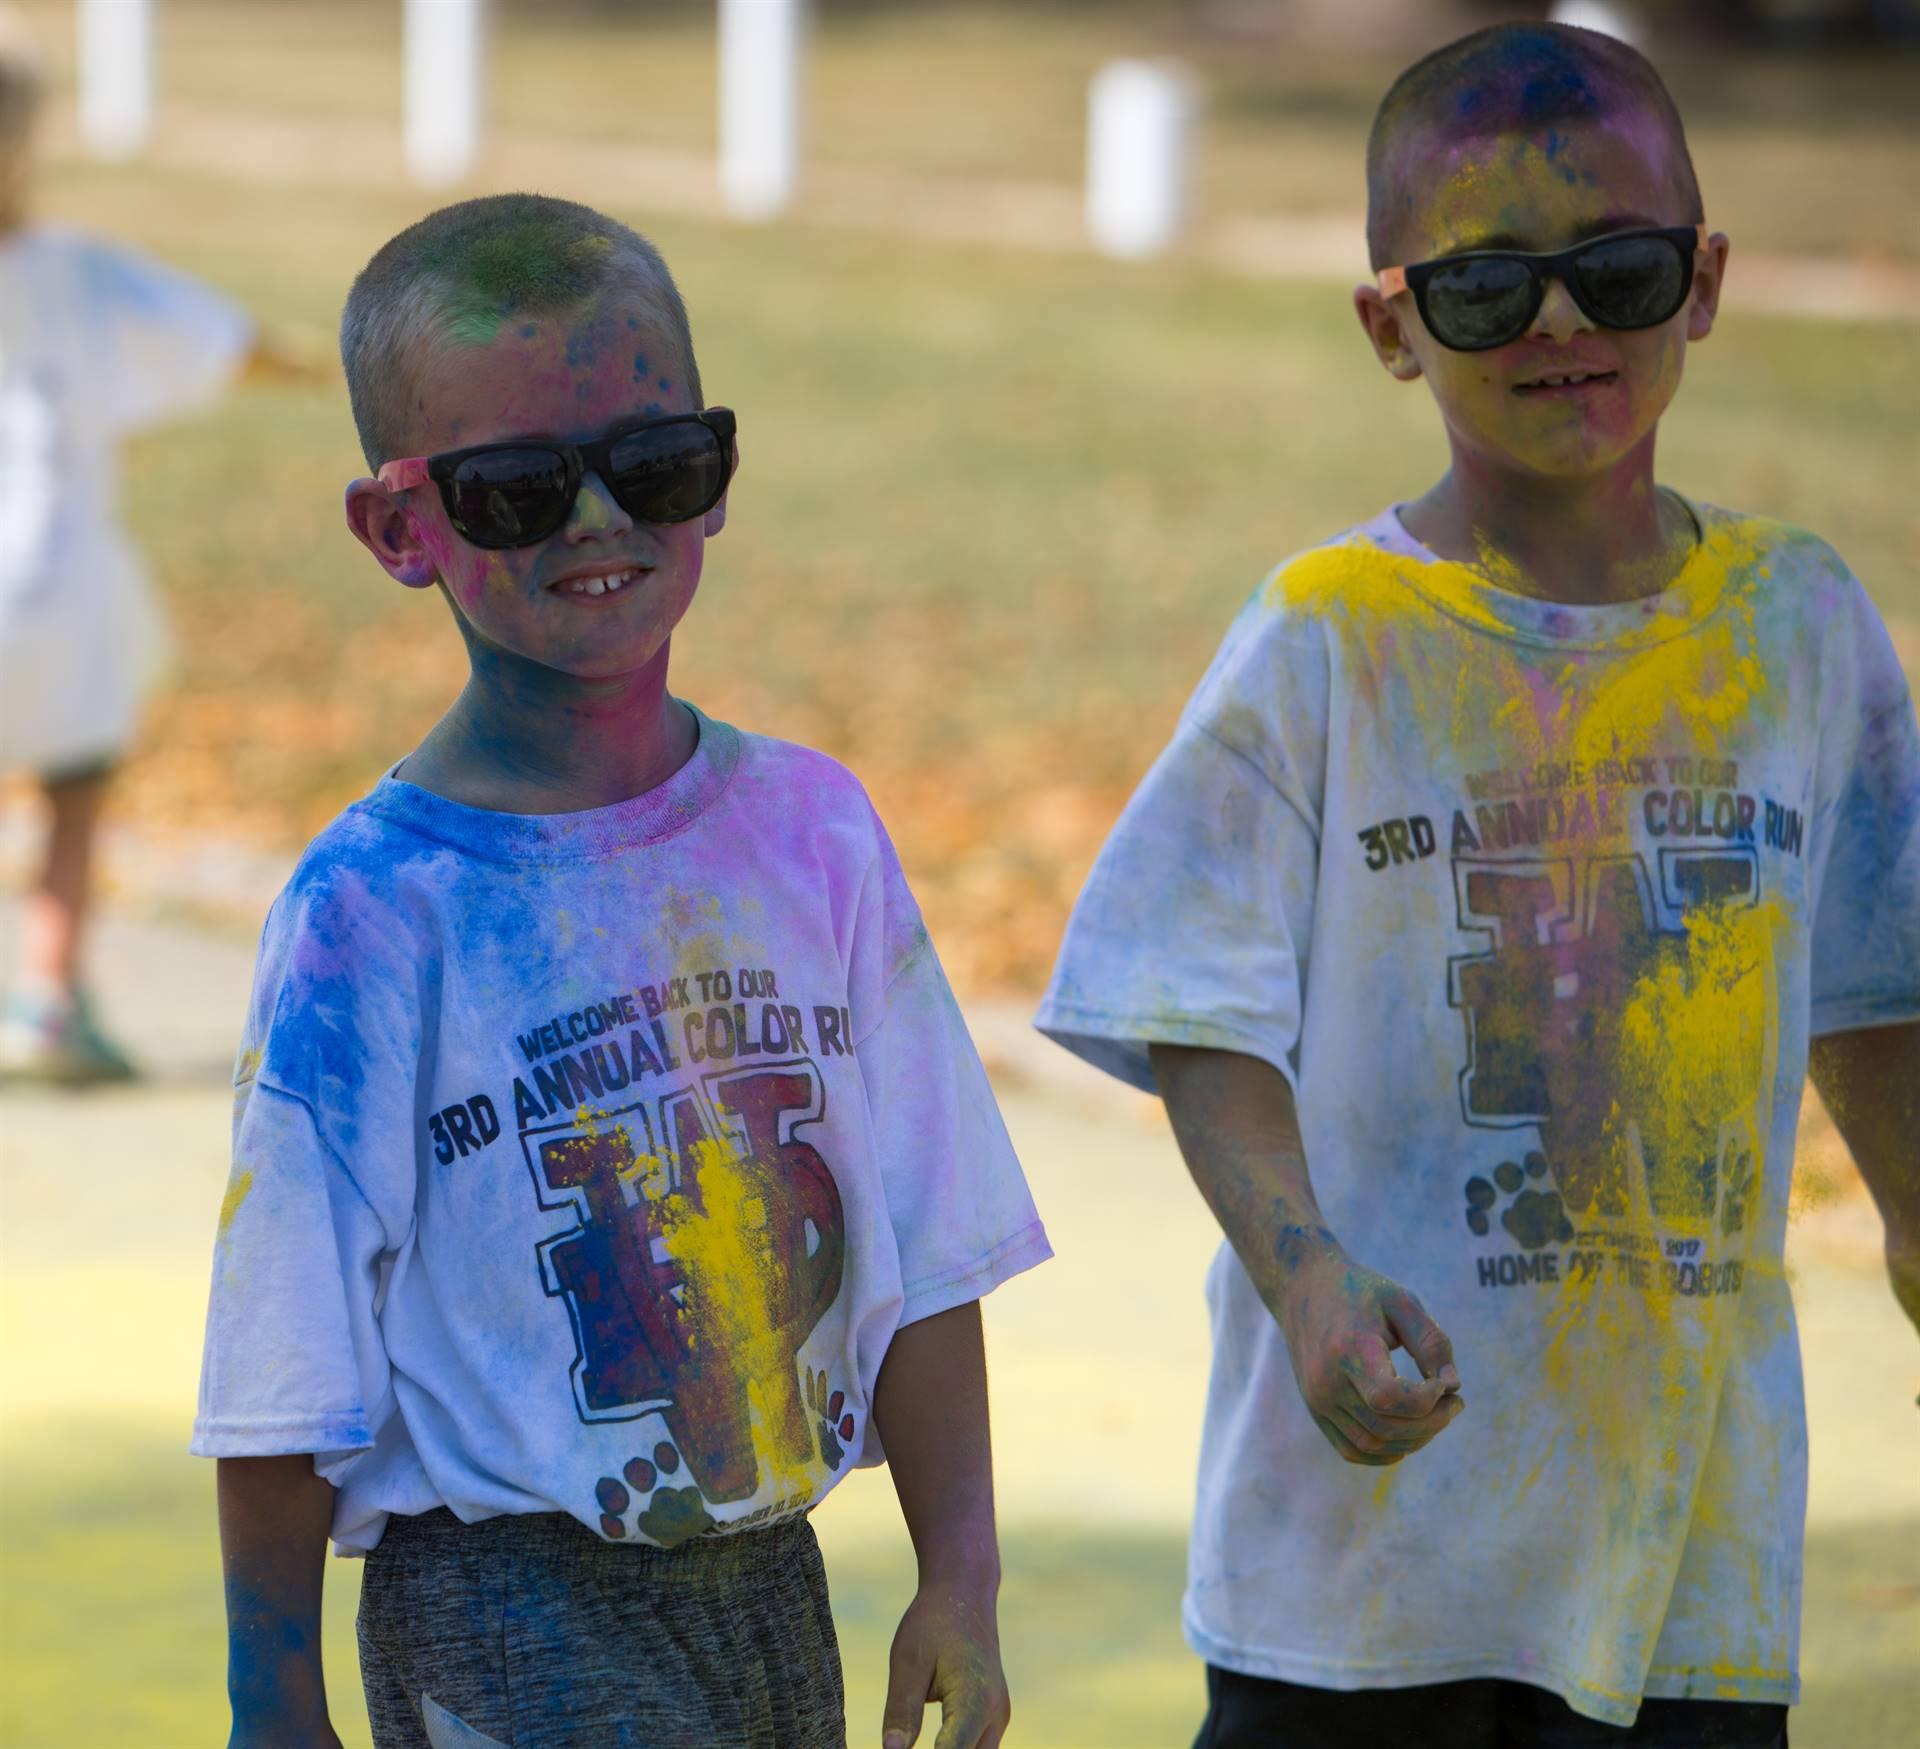 2 boys at color run 2